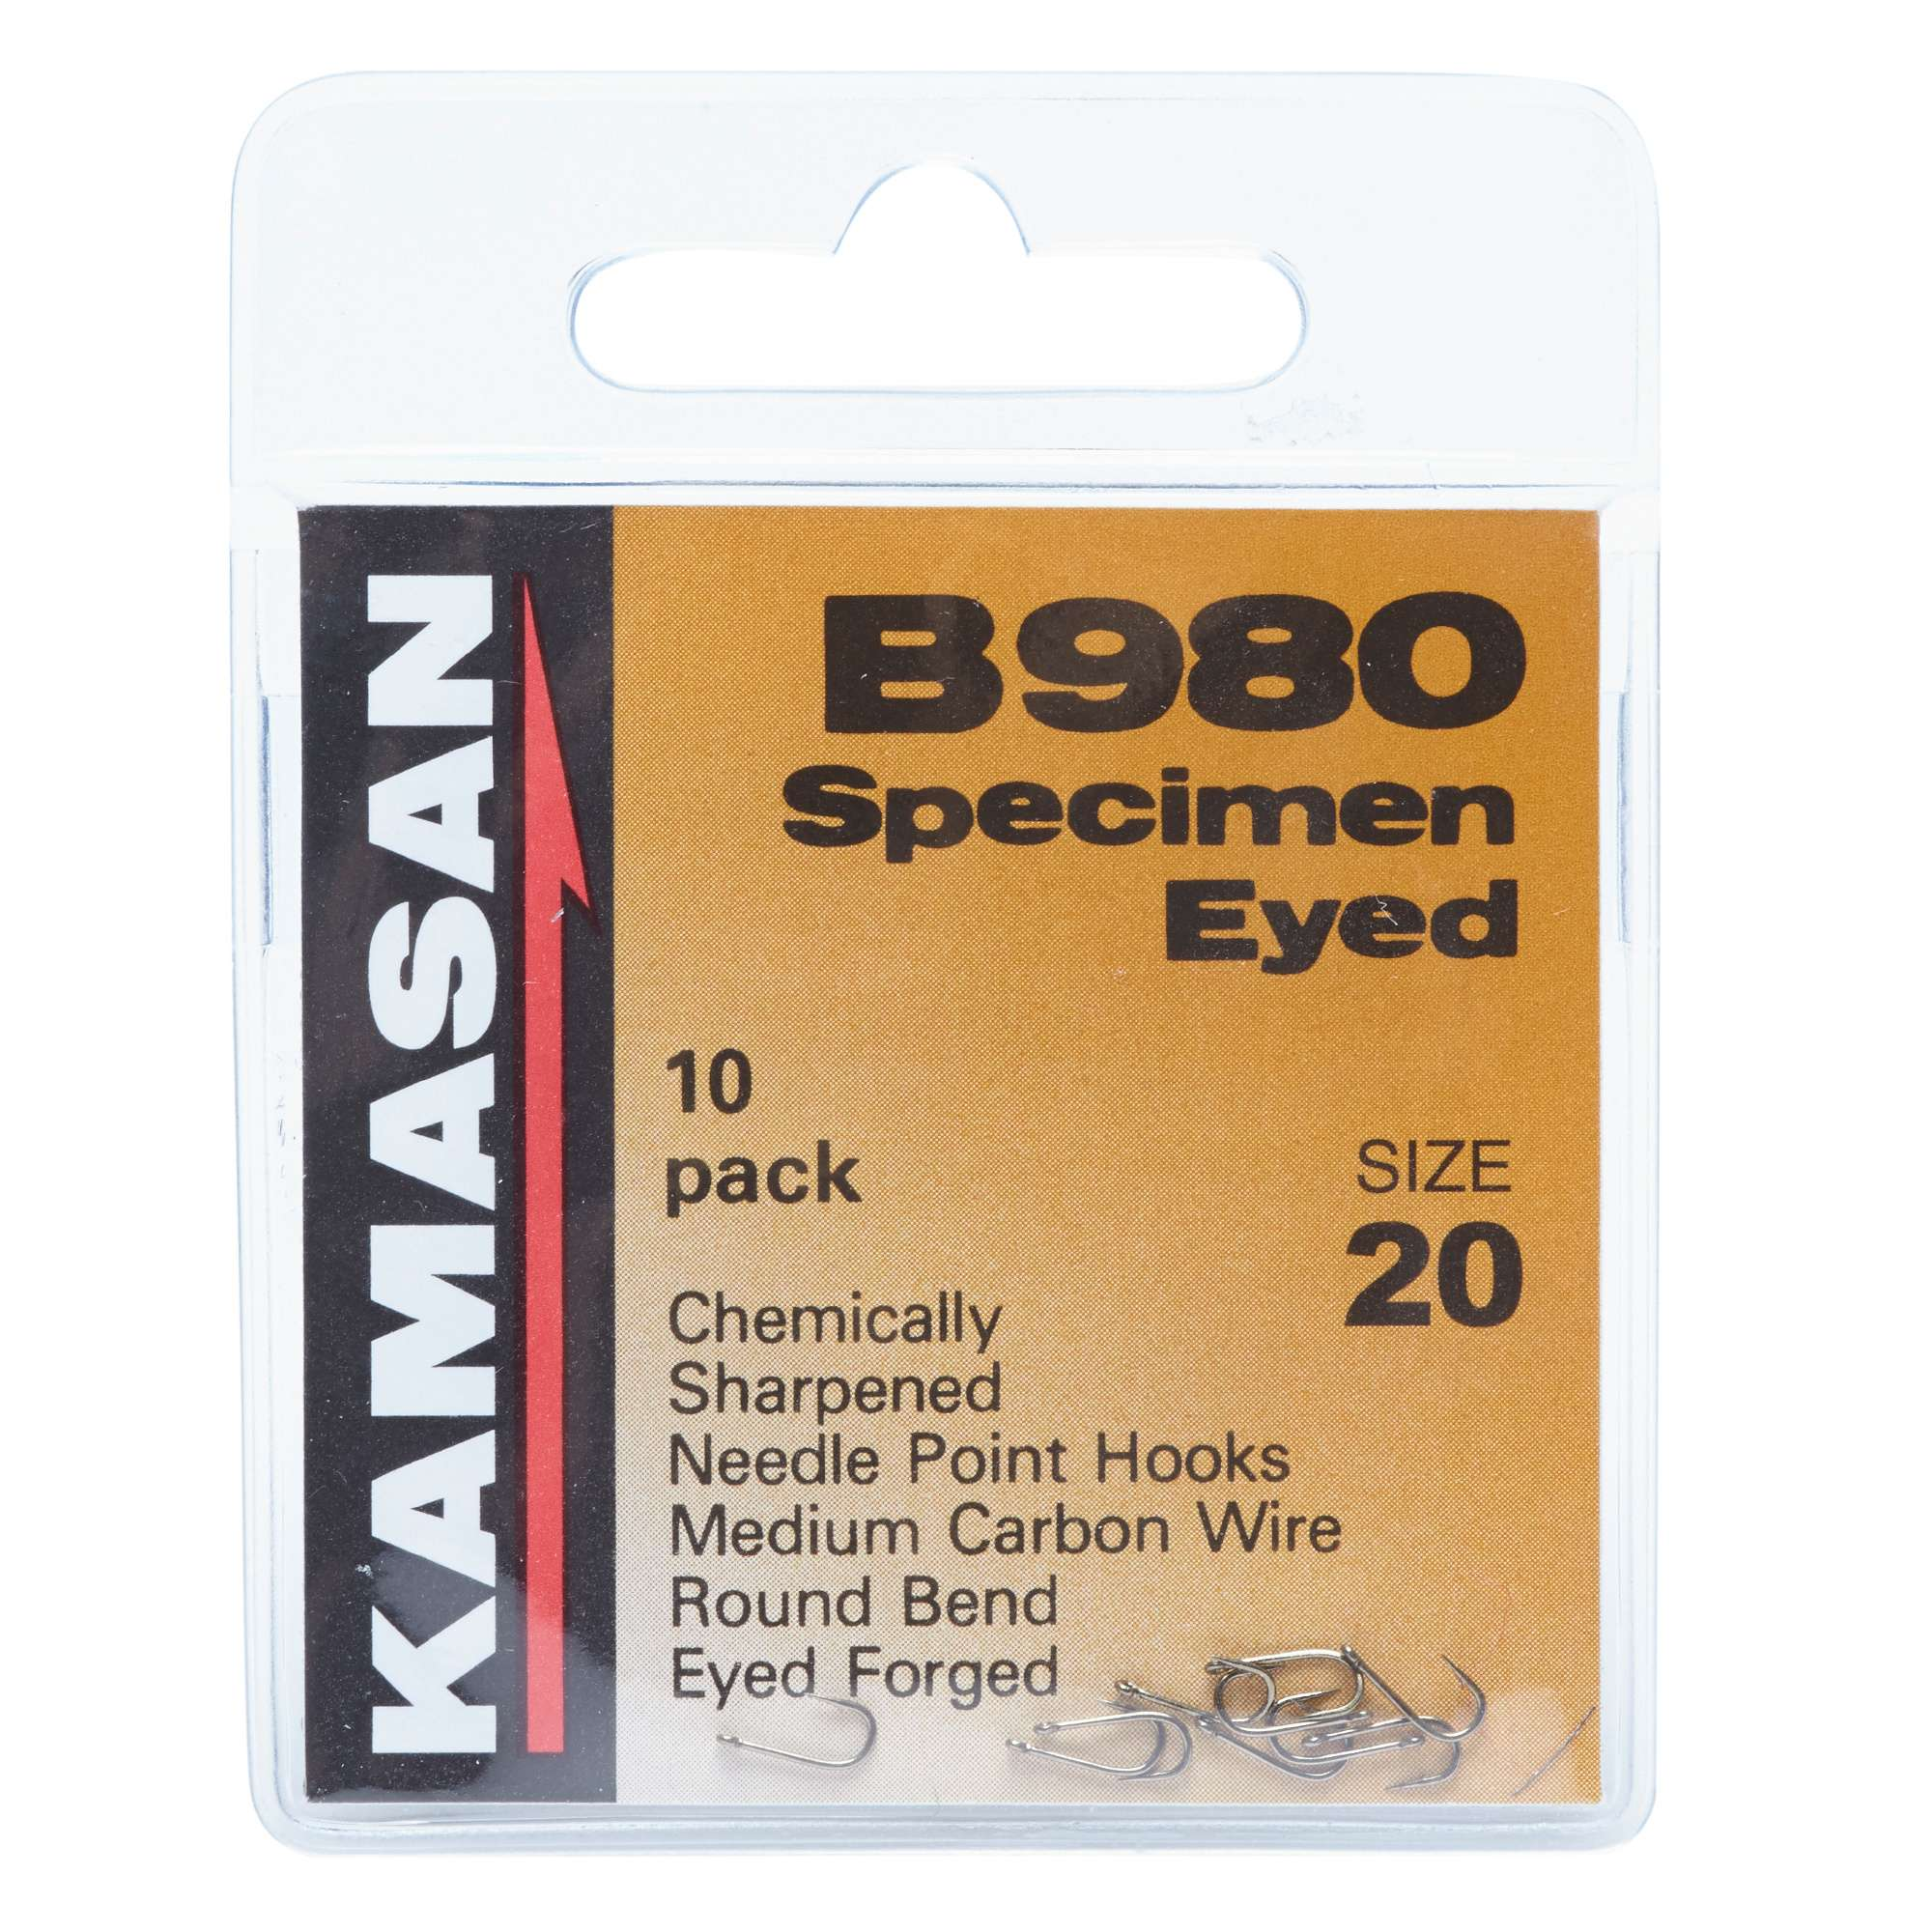 KAMASAN B980 Barbed Specimen Eyed Hooks - Size 20